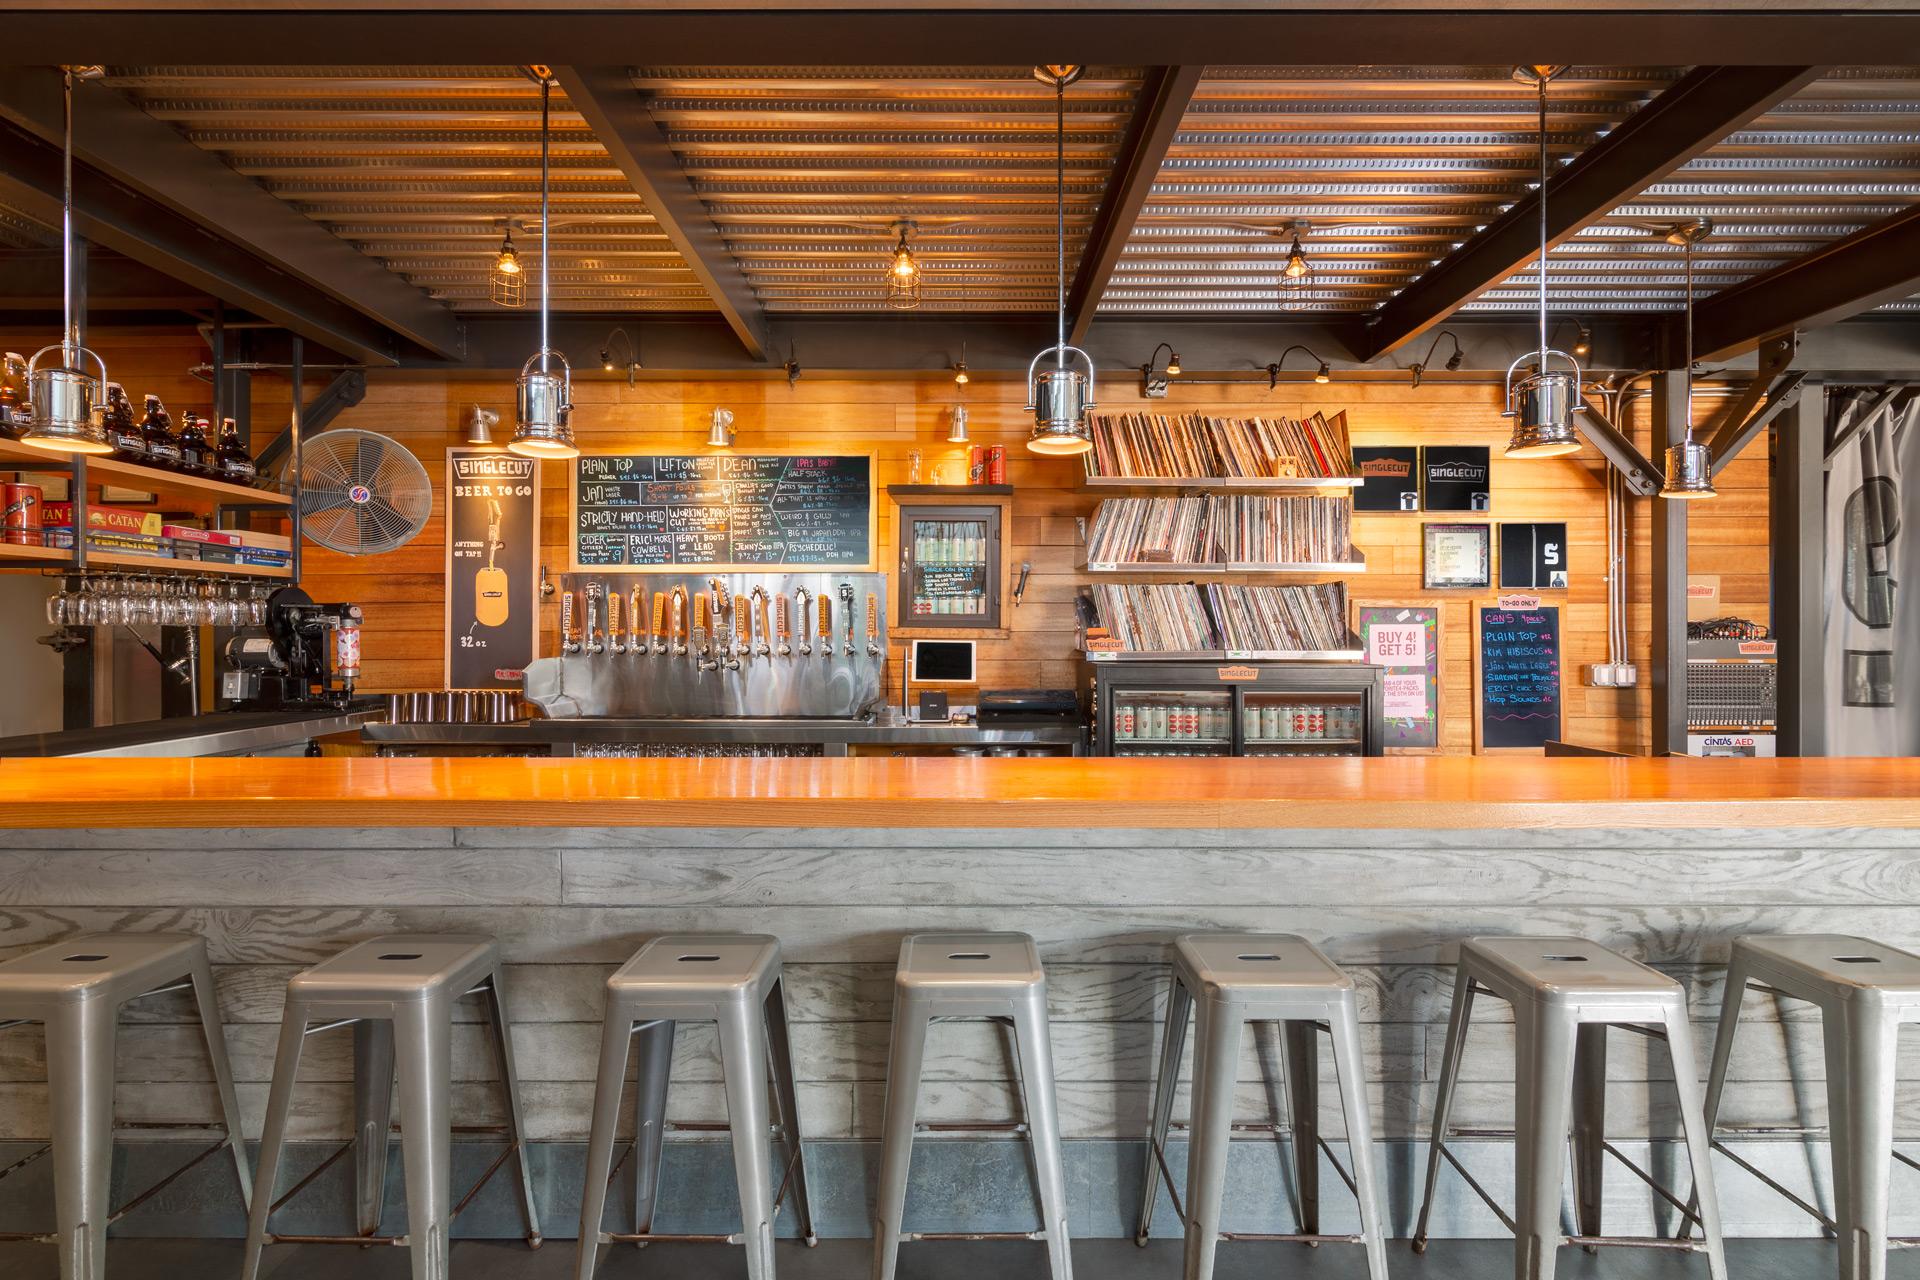 Singlecut Beersmiths restaurant decor